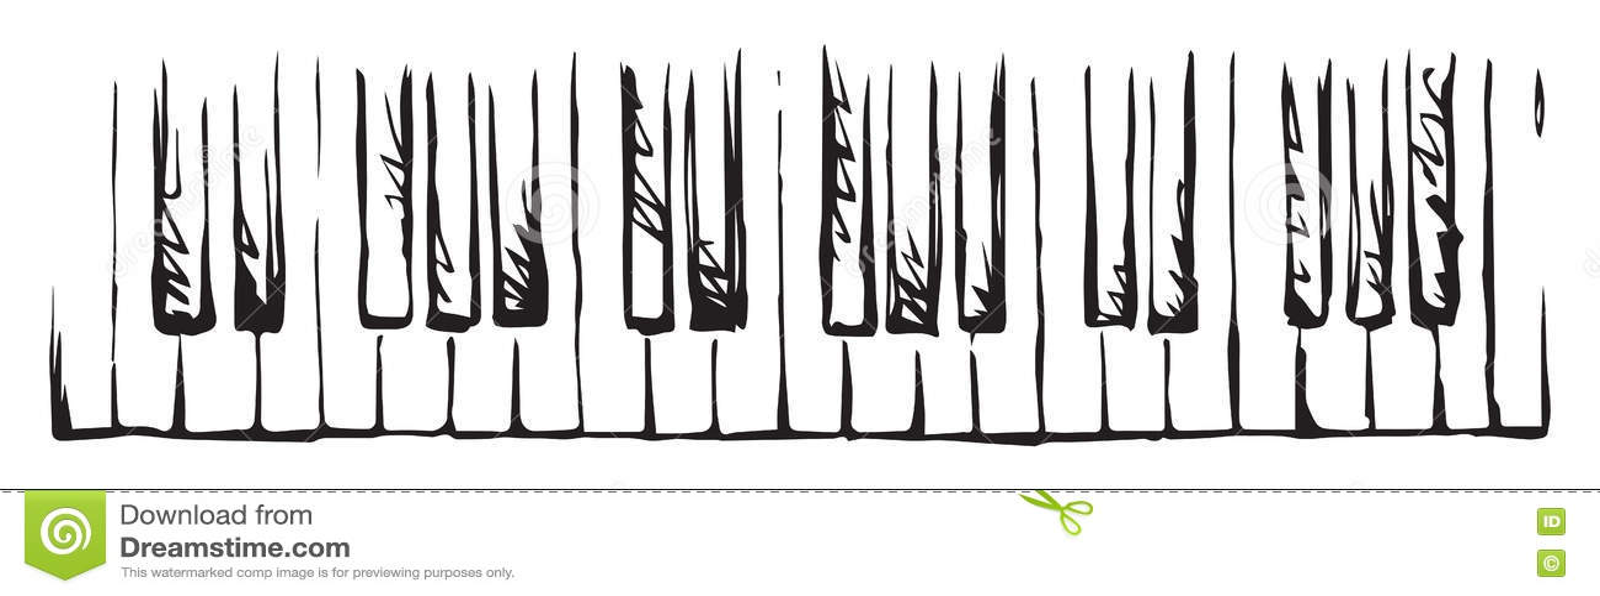 Piano Keys. Vector drawing stock vector. Image of